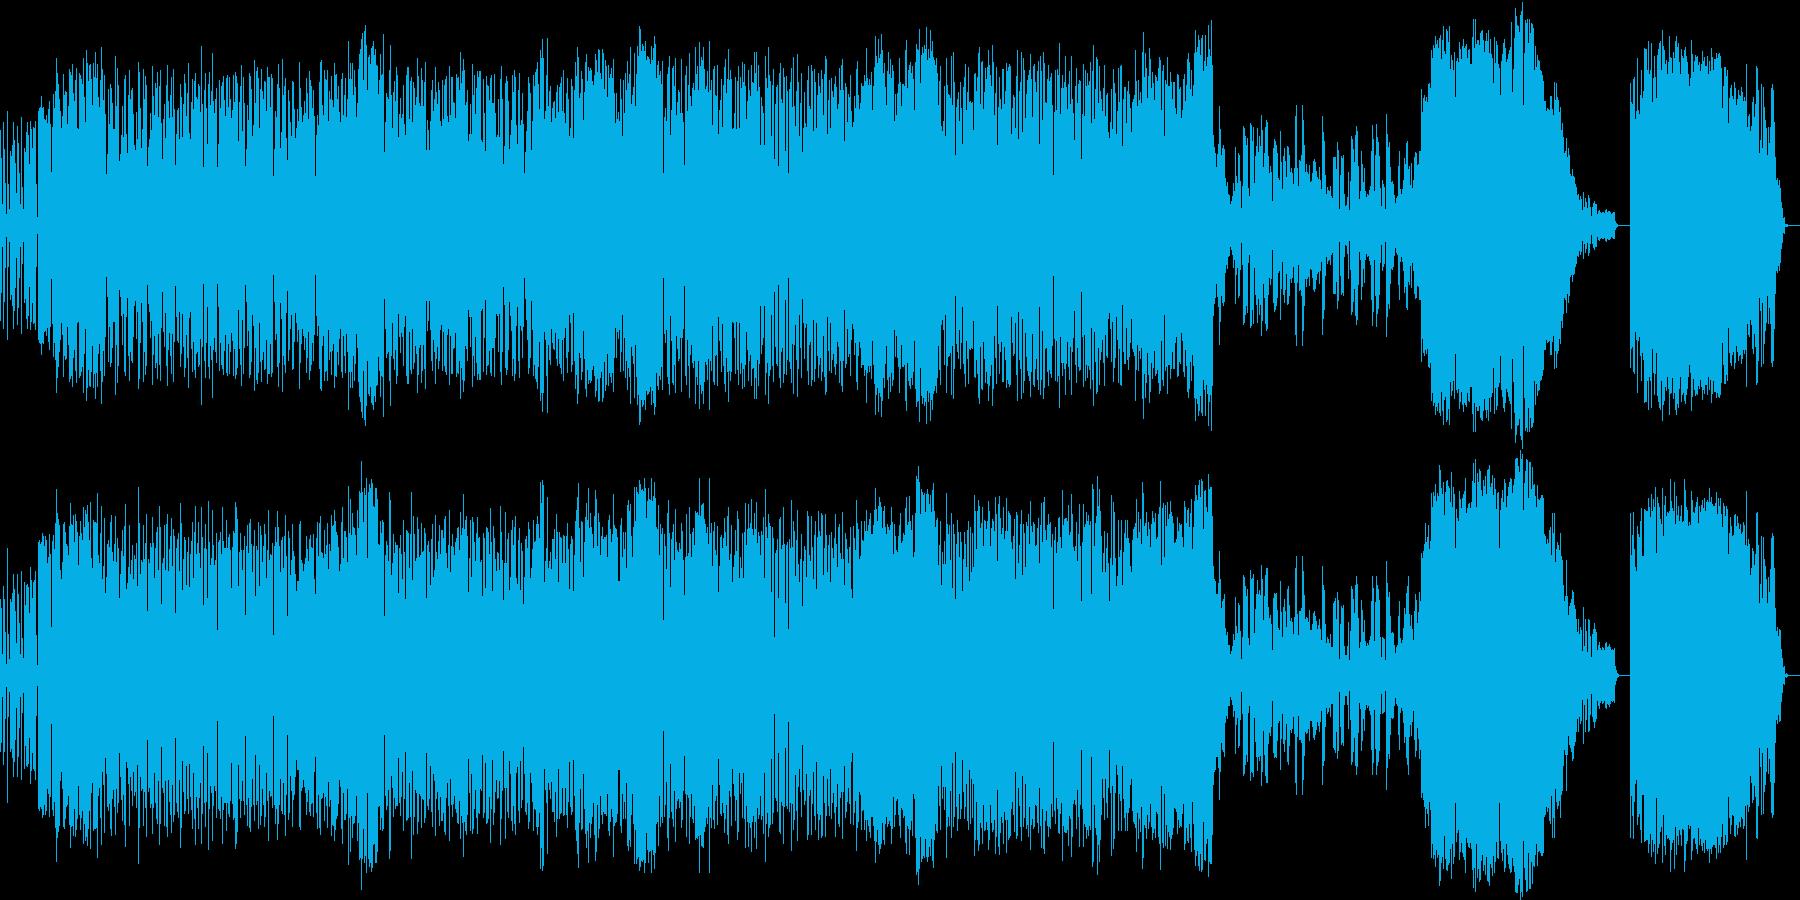 エレクトリック東北民謡の再生済みの波形